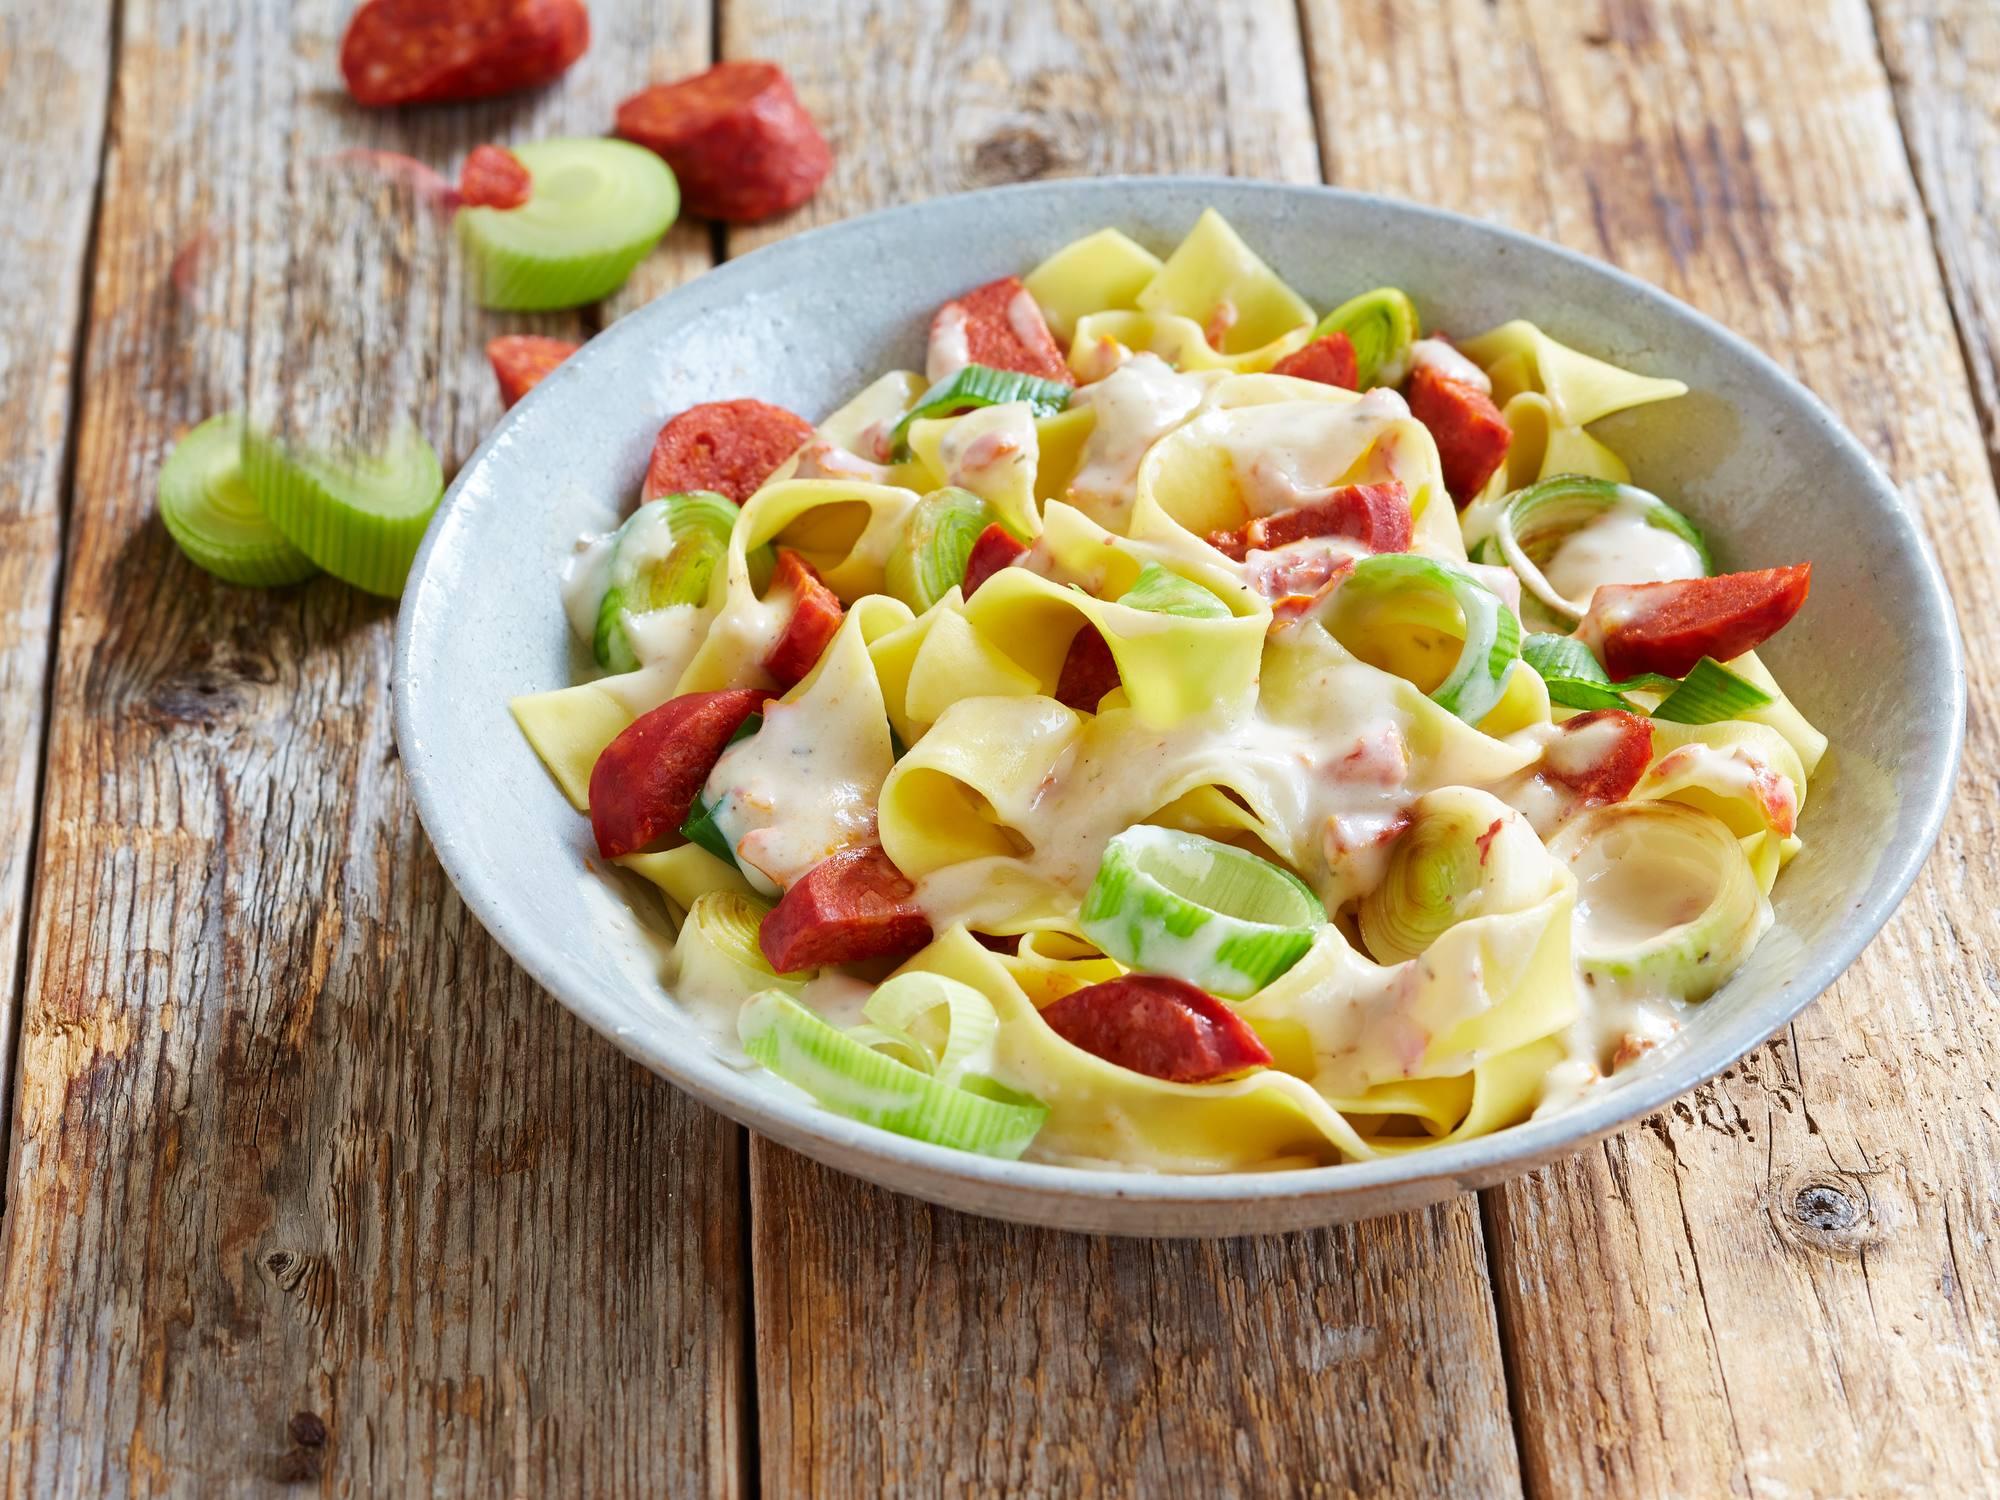 Sommerküche Schnelle Rezepte : Schnelle sommerküche für gäste: schnelle abendessen eat smarter